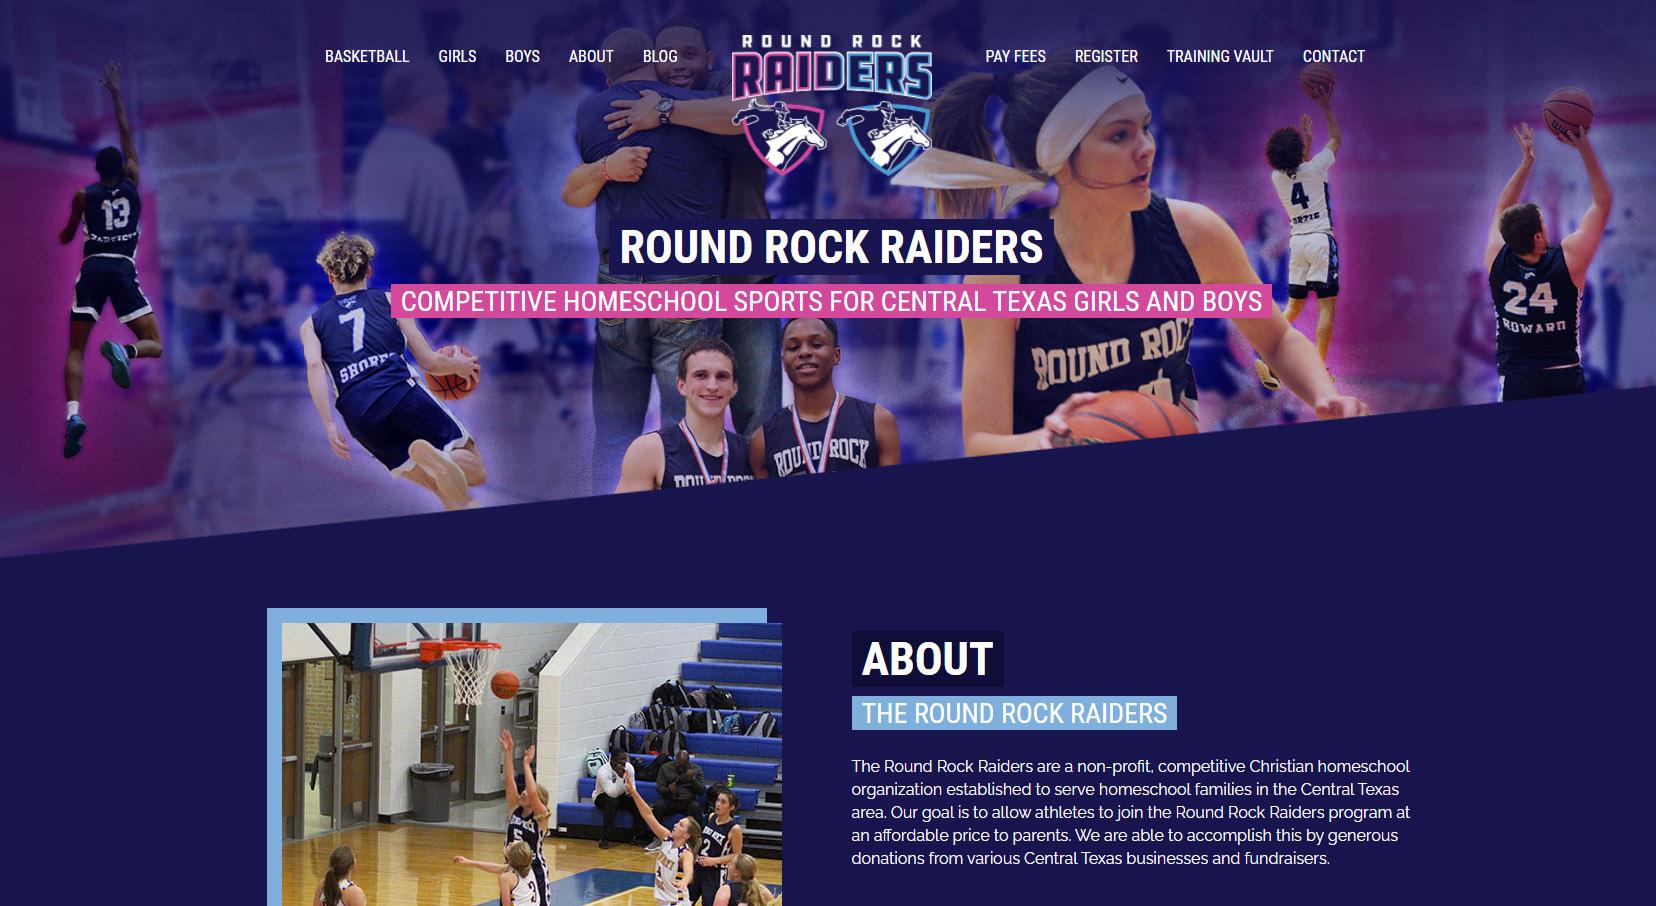 Round Rock Raider web design